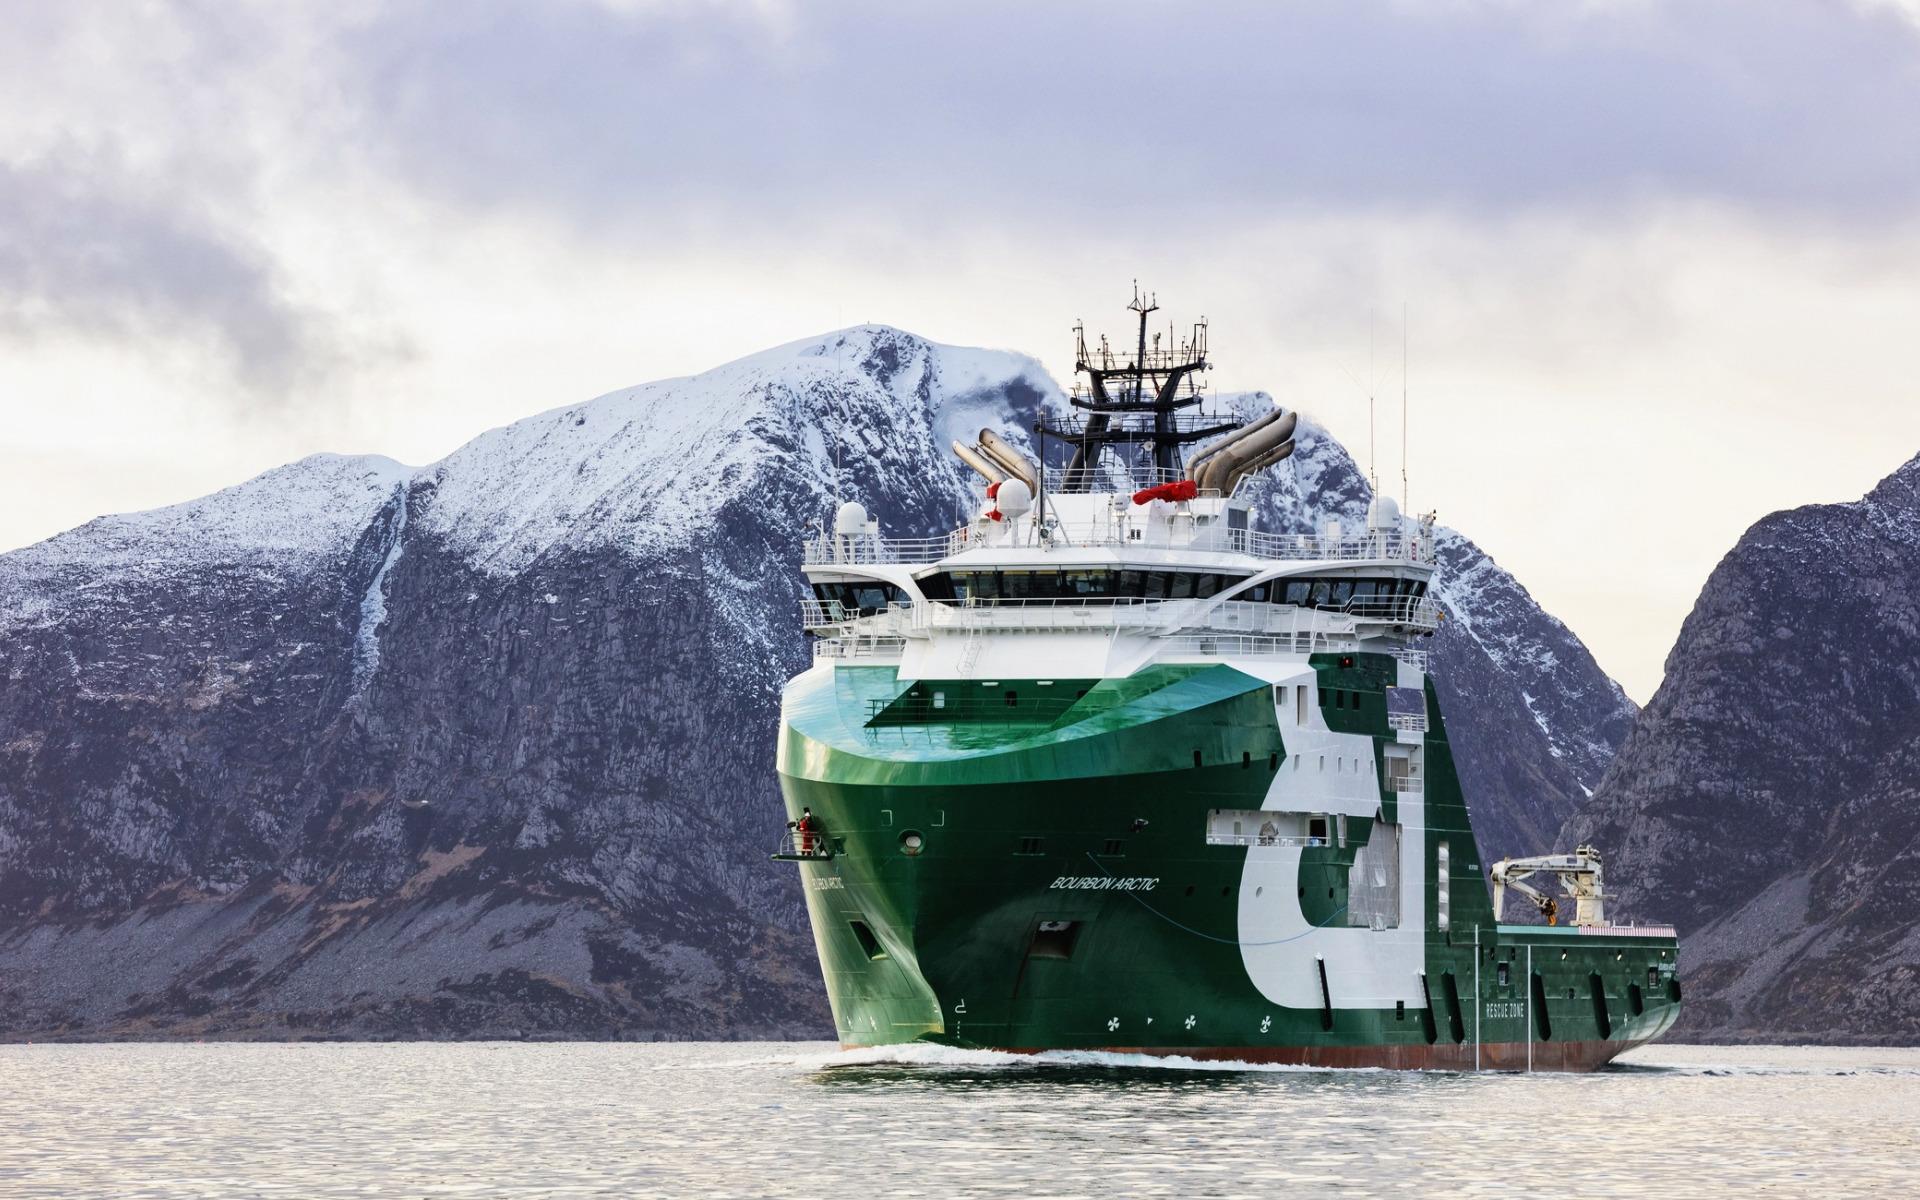 bourbon-arctic-port-ahts-vessel-offshore-supply-ship